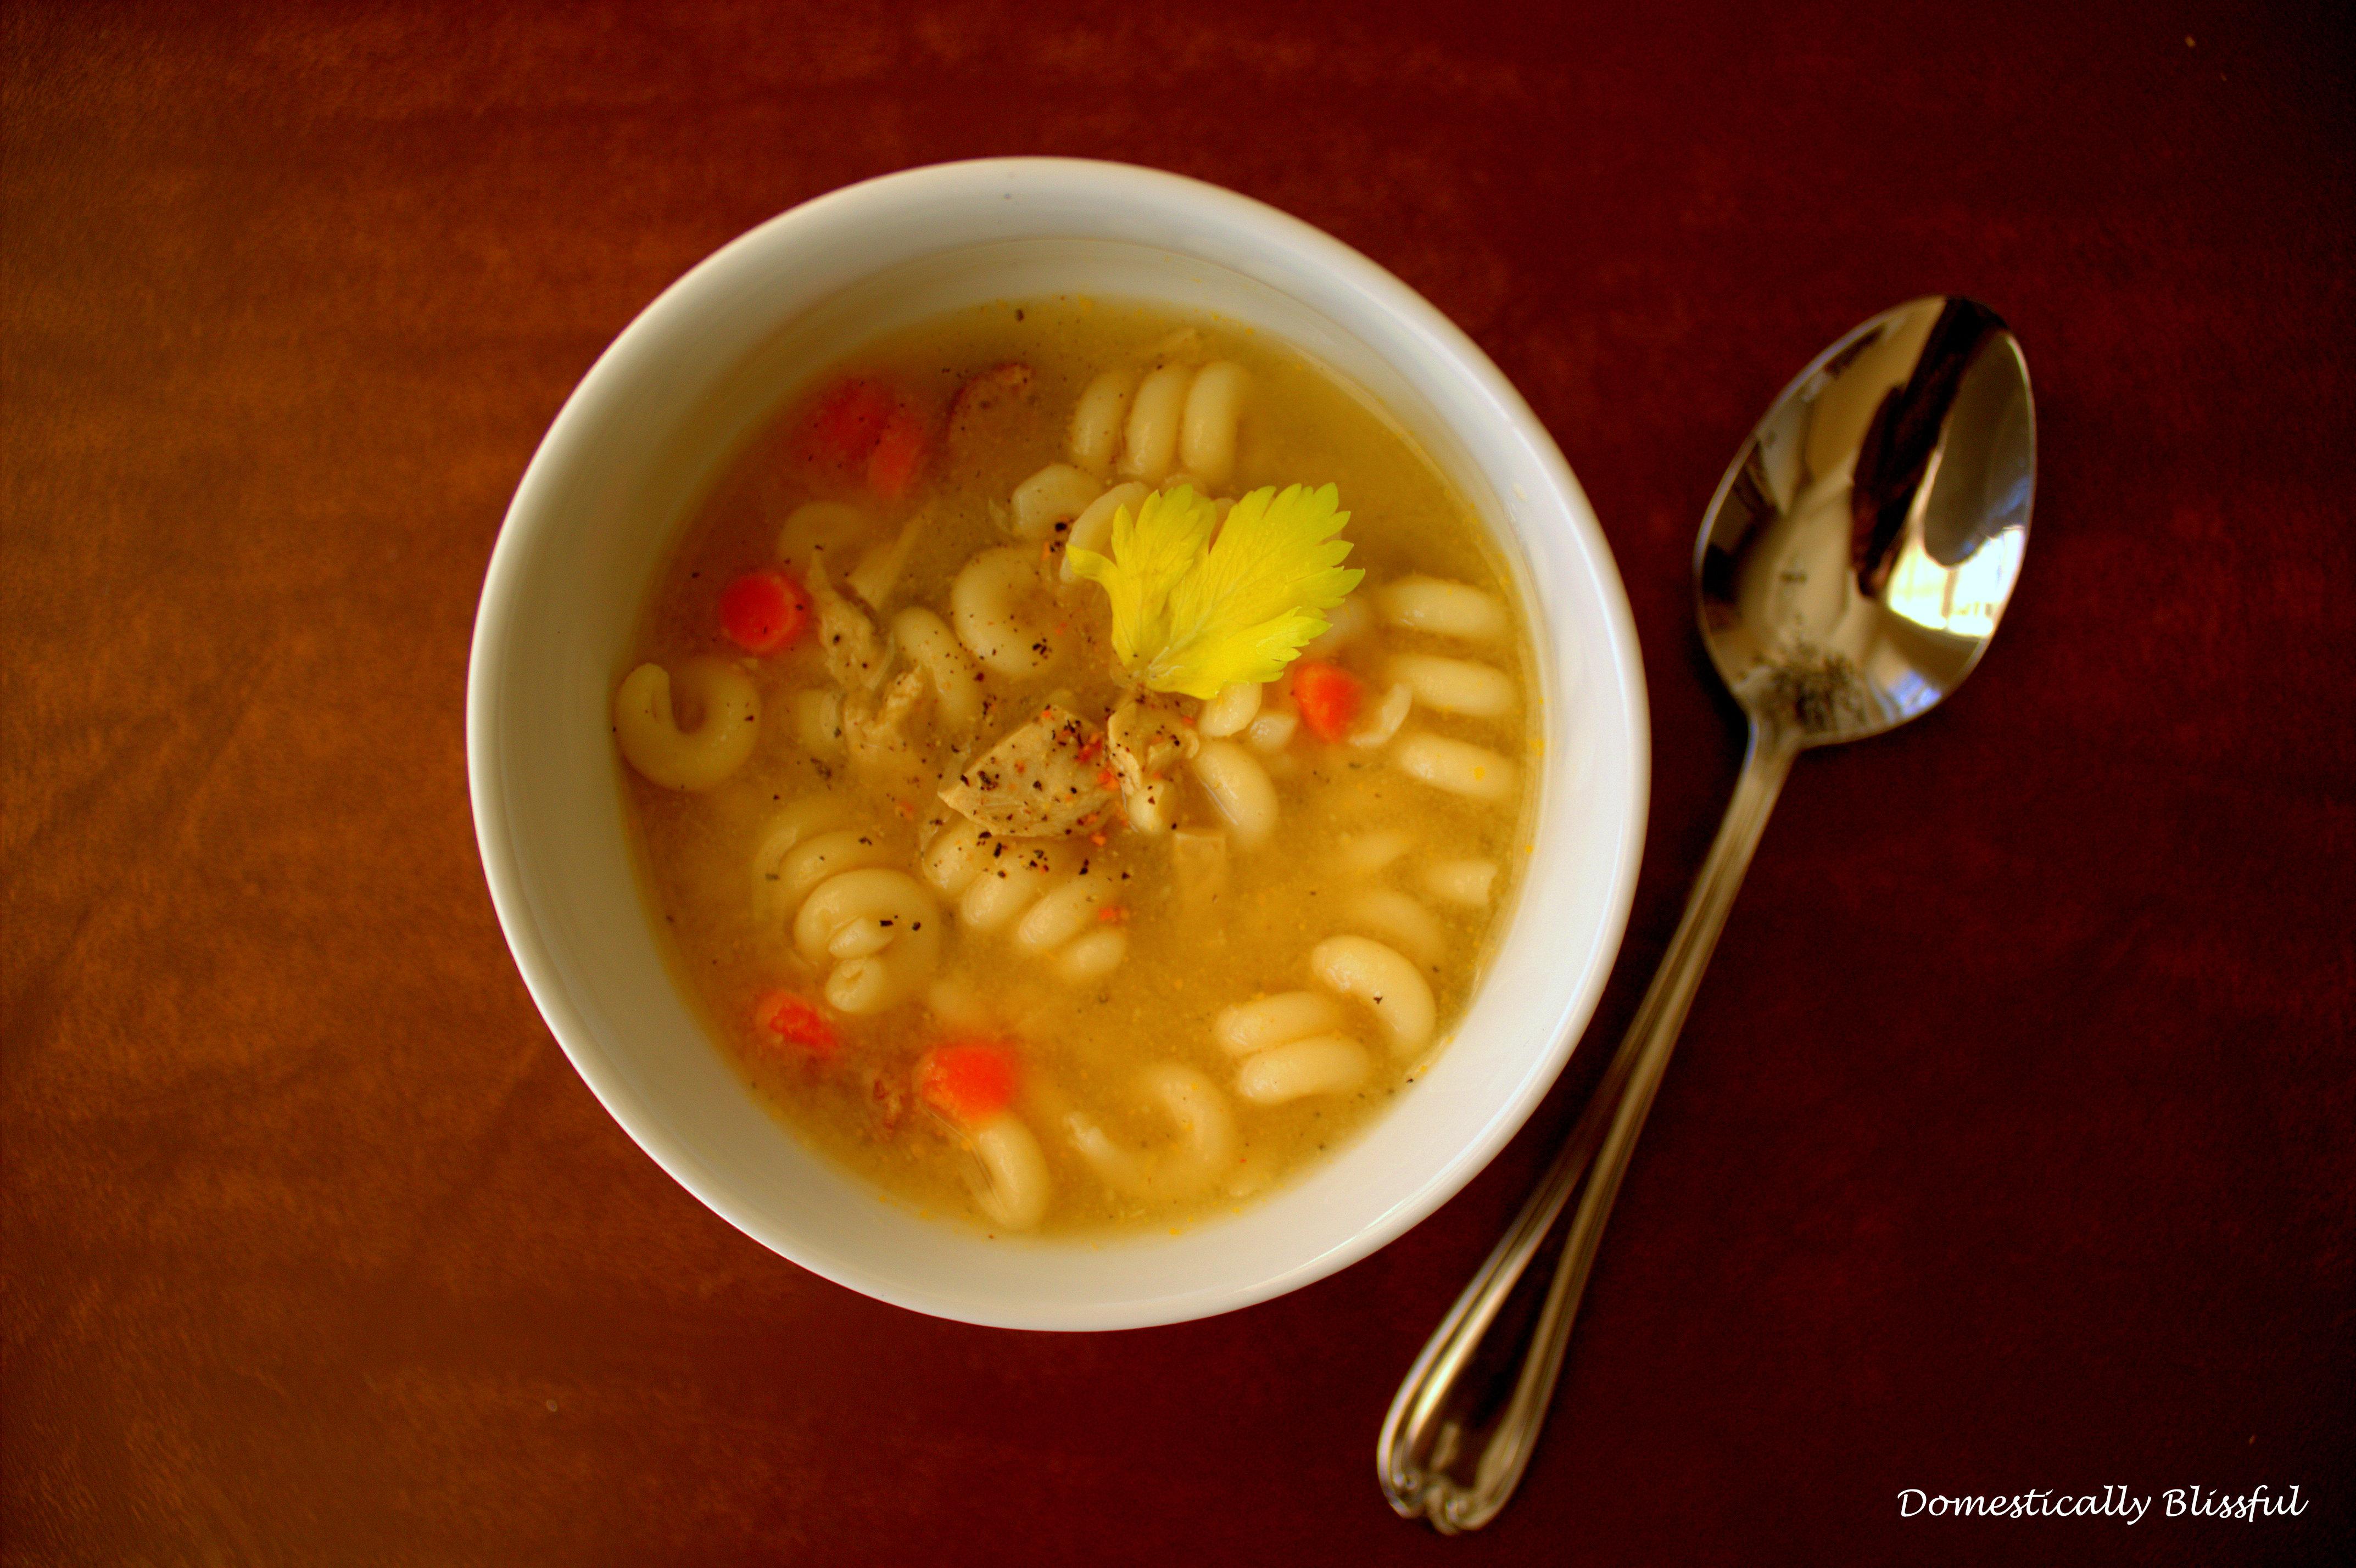 ... noodle soup pho ga vietnamese chicken noodle soup chicken noodle soup